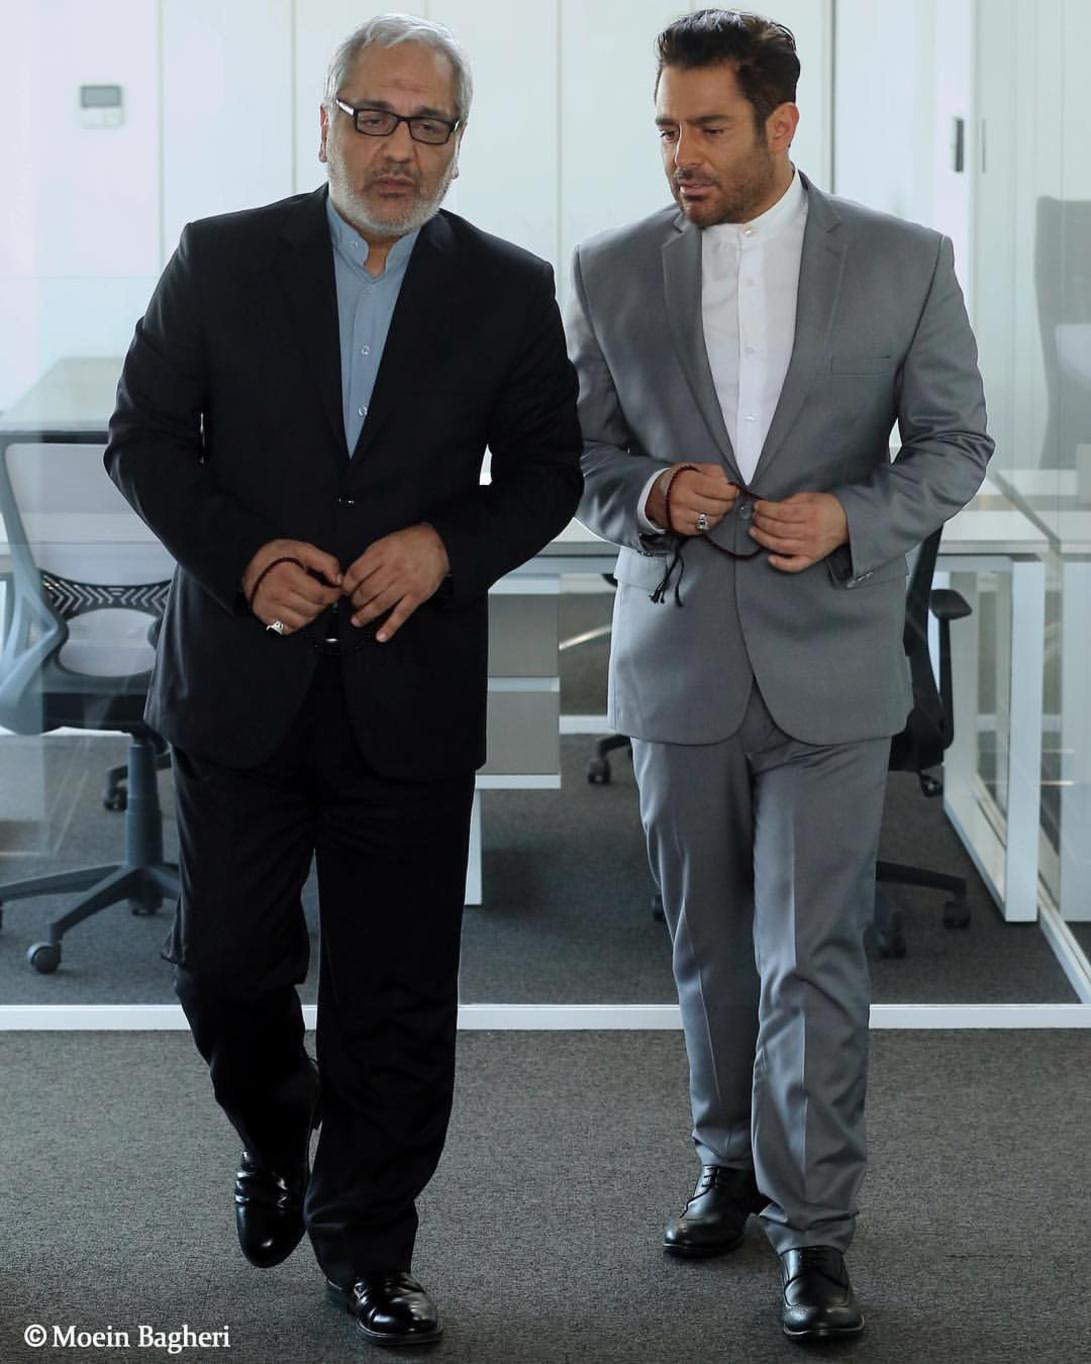 فیلم سینمایی رحمان 1400 با حضور مهران مدیری و محمدرضا گلزار